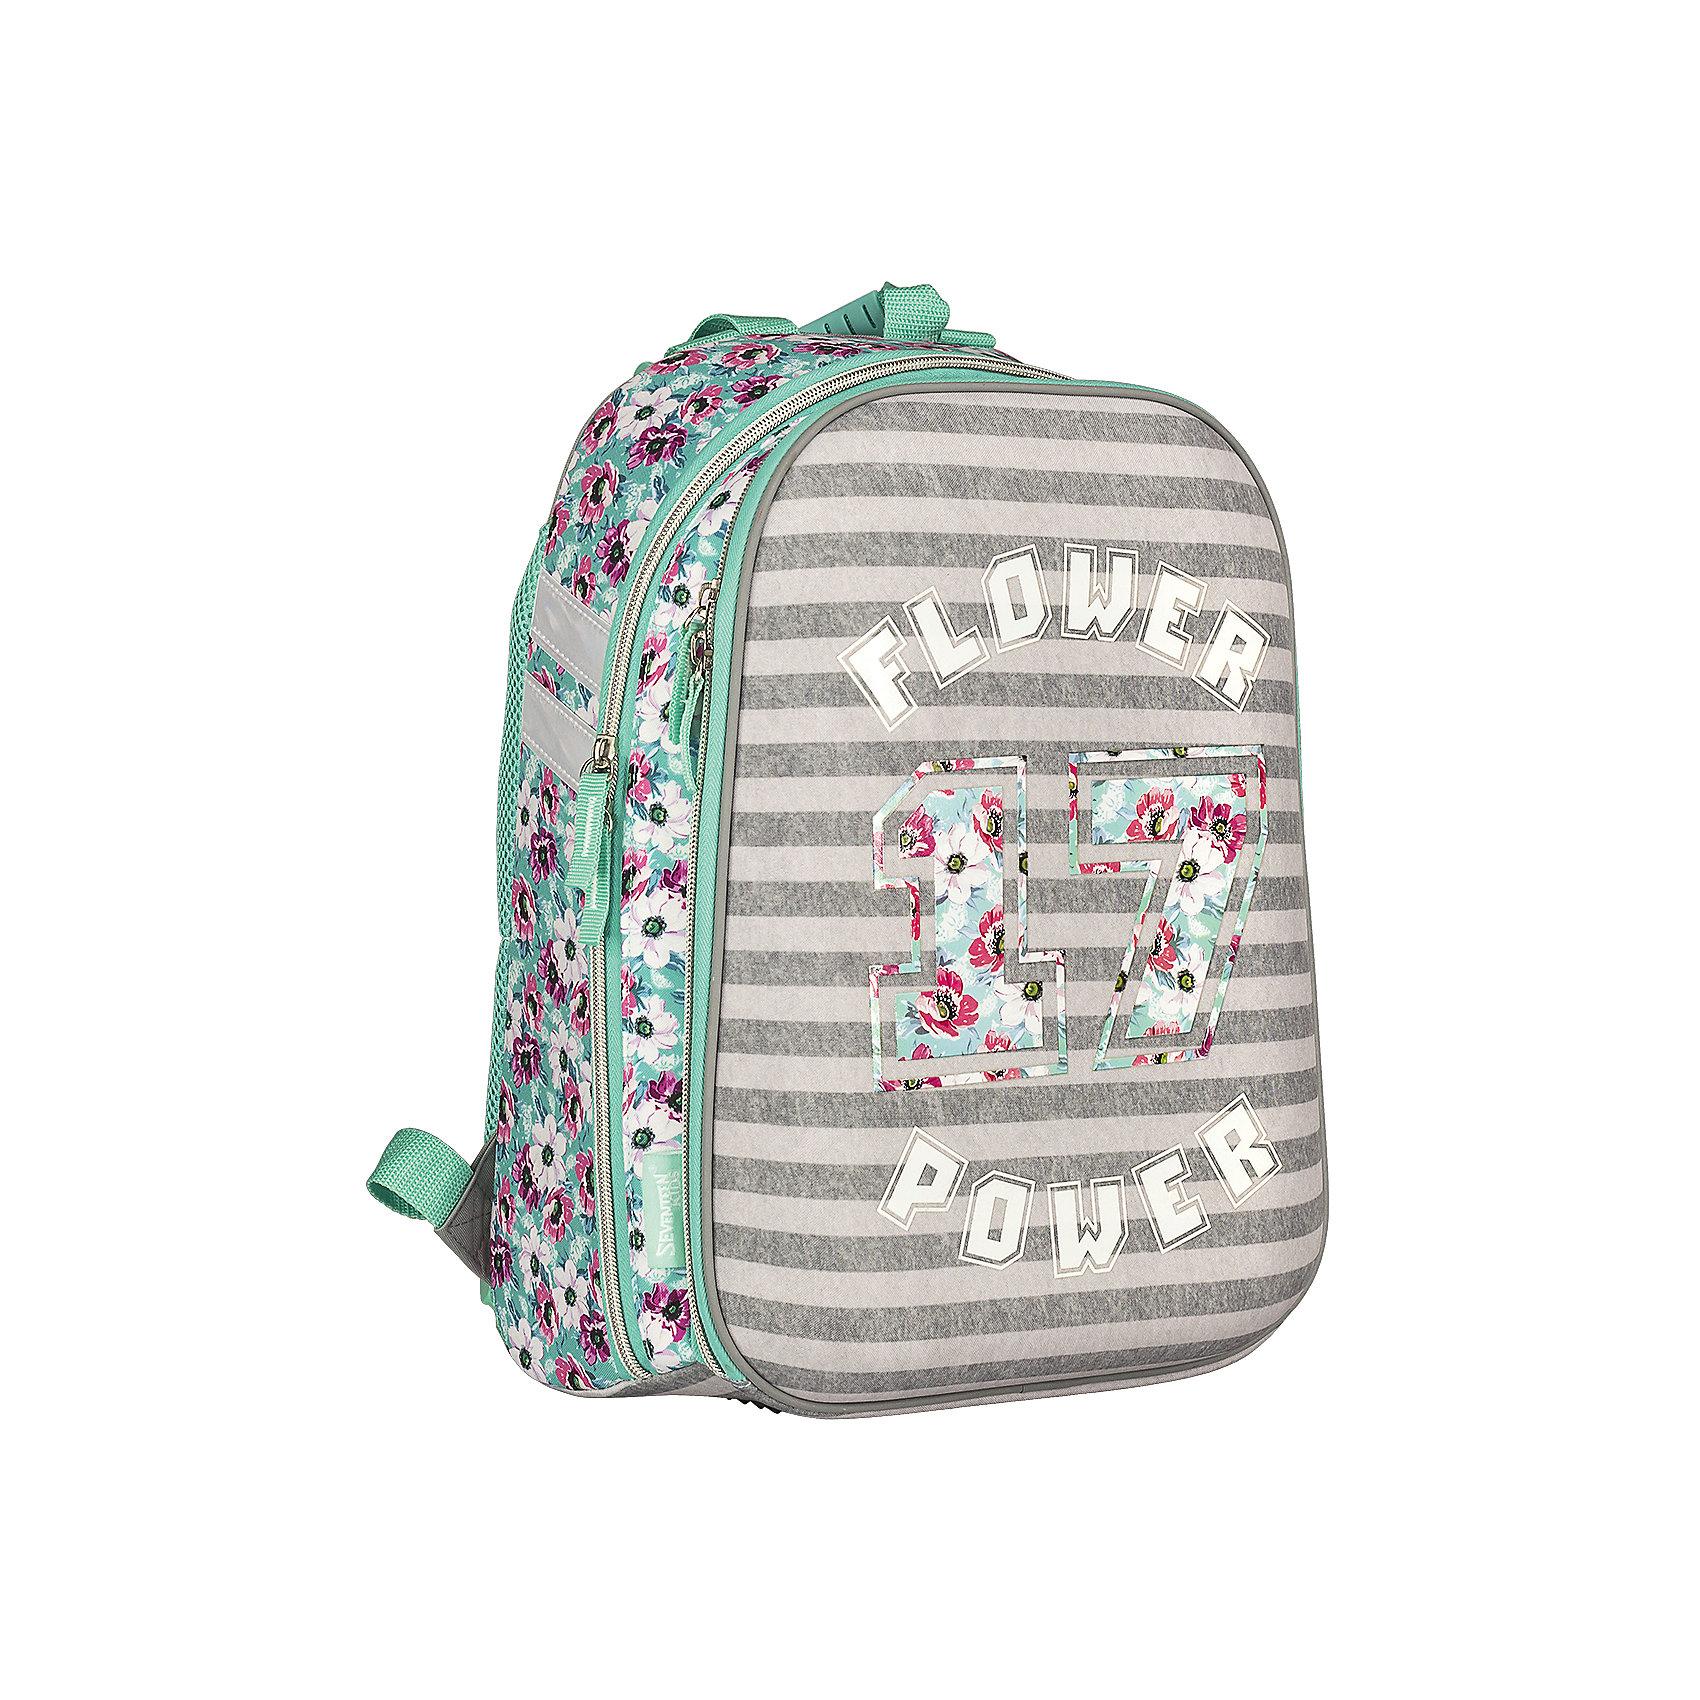 Школьный рюкзак, Seventeen KidsРюкзак, Seventeen Kids - прекрасный вариант для школьных занятий. Рюкзак выполнен из прочного полиэстера и имеет привлекательный для девочек дизайн с приятной полосатой расцветкой и цветочным принтом. Корпус рюкзака изготовлен из современного материала EVA.<br>Эргономичная спинка выполнена в виде накладок анатомической формы из нескольких слоев вспененных синтетических материалов и обтянута воздухообменной сеткой. Широкие мягкие лямки, регулируемые по длине, равномерно распределяют нагрузку на плечевой пояс. Жесткое<br>дно придает рюкзаку устойчивость и защищает от загрязнений. Также есть удобная прорезиненная ручка для переноски в руках. <br><br>Рюкзак имеет два отделения на молнии. Внутри основного отделения - секция для ноутбука или планшета и разделитель для книг и тетрадей, внутри второго отделения - открытый карман и карман для мобильного телефона, а также сетчатый карман. Светоотражающие элементы<br>повышают безопасность ребенка на дороге. Рекомендовано Научным центром здоровья детей РАМН.<br><br><br>Дополнительная информация:<br><br>- Материал: полиэстер. <br>- Размер: 38 х 28 х 6 см.<br>- Вес: 0,78 кг.<br><br>Рюкзак, Seventeen Kids, можно купить в нашем интернет-магазине.<br><br>Ширина мм: 280<br>Глубина мм: 60<br>Высота мм: 380<br>Вес г: 780<br>Возраст от месяцев: 120<br>Возраст до месяцев: 144<br>Пол: Женский<br>Возраст: Детский<br>SKU: 4681158